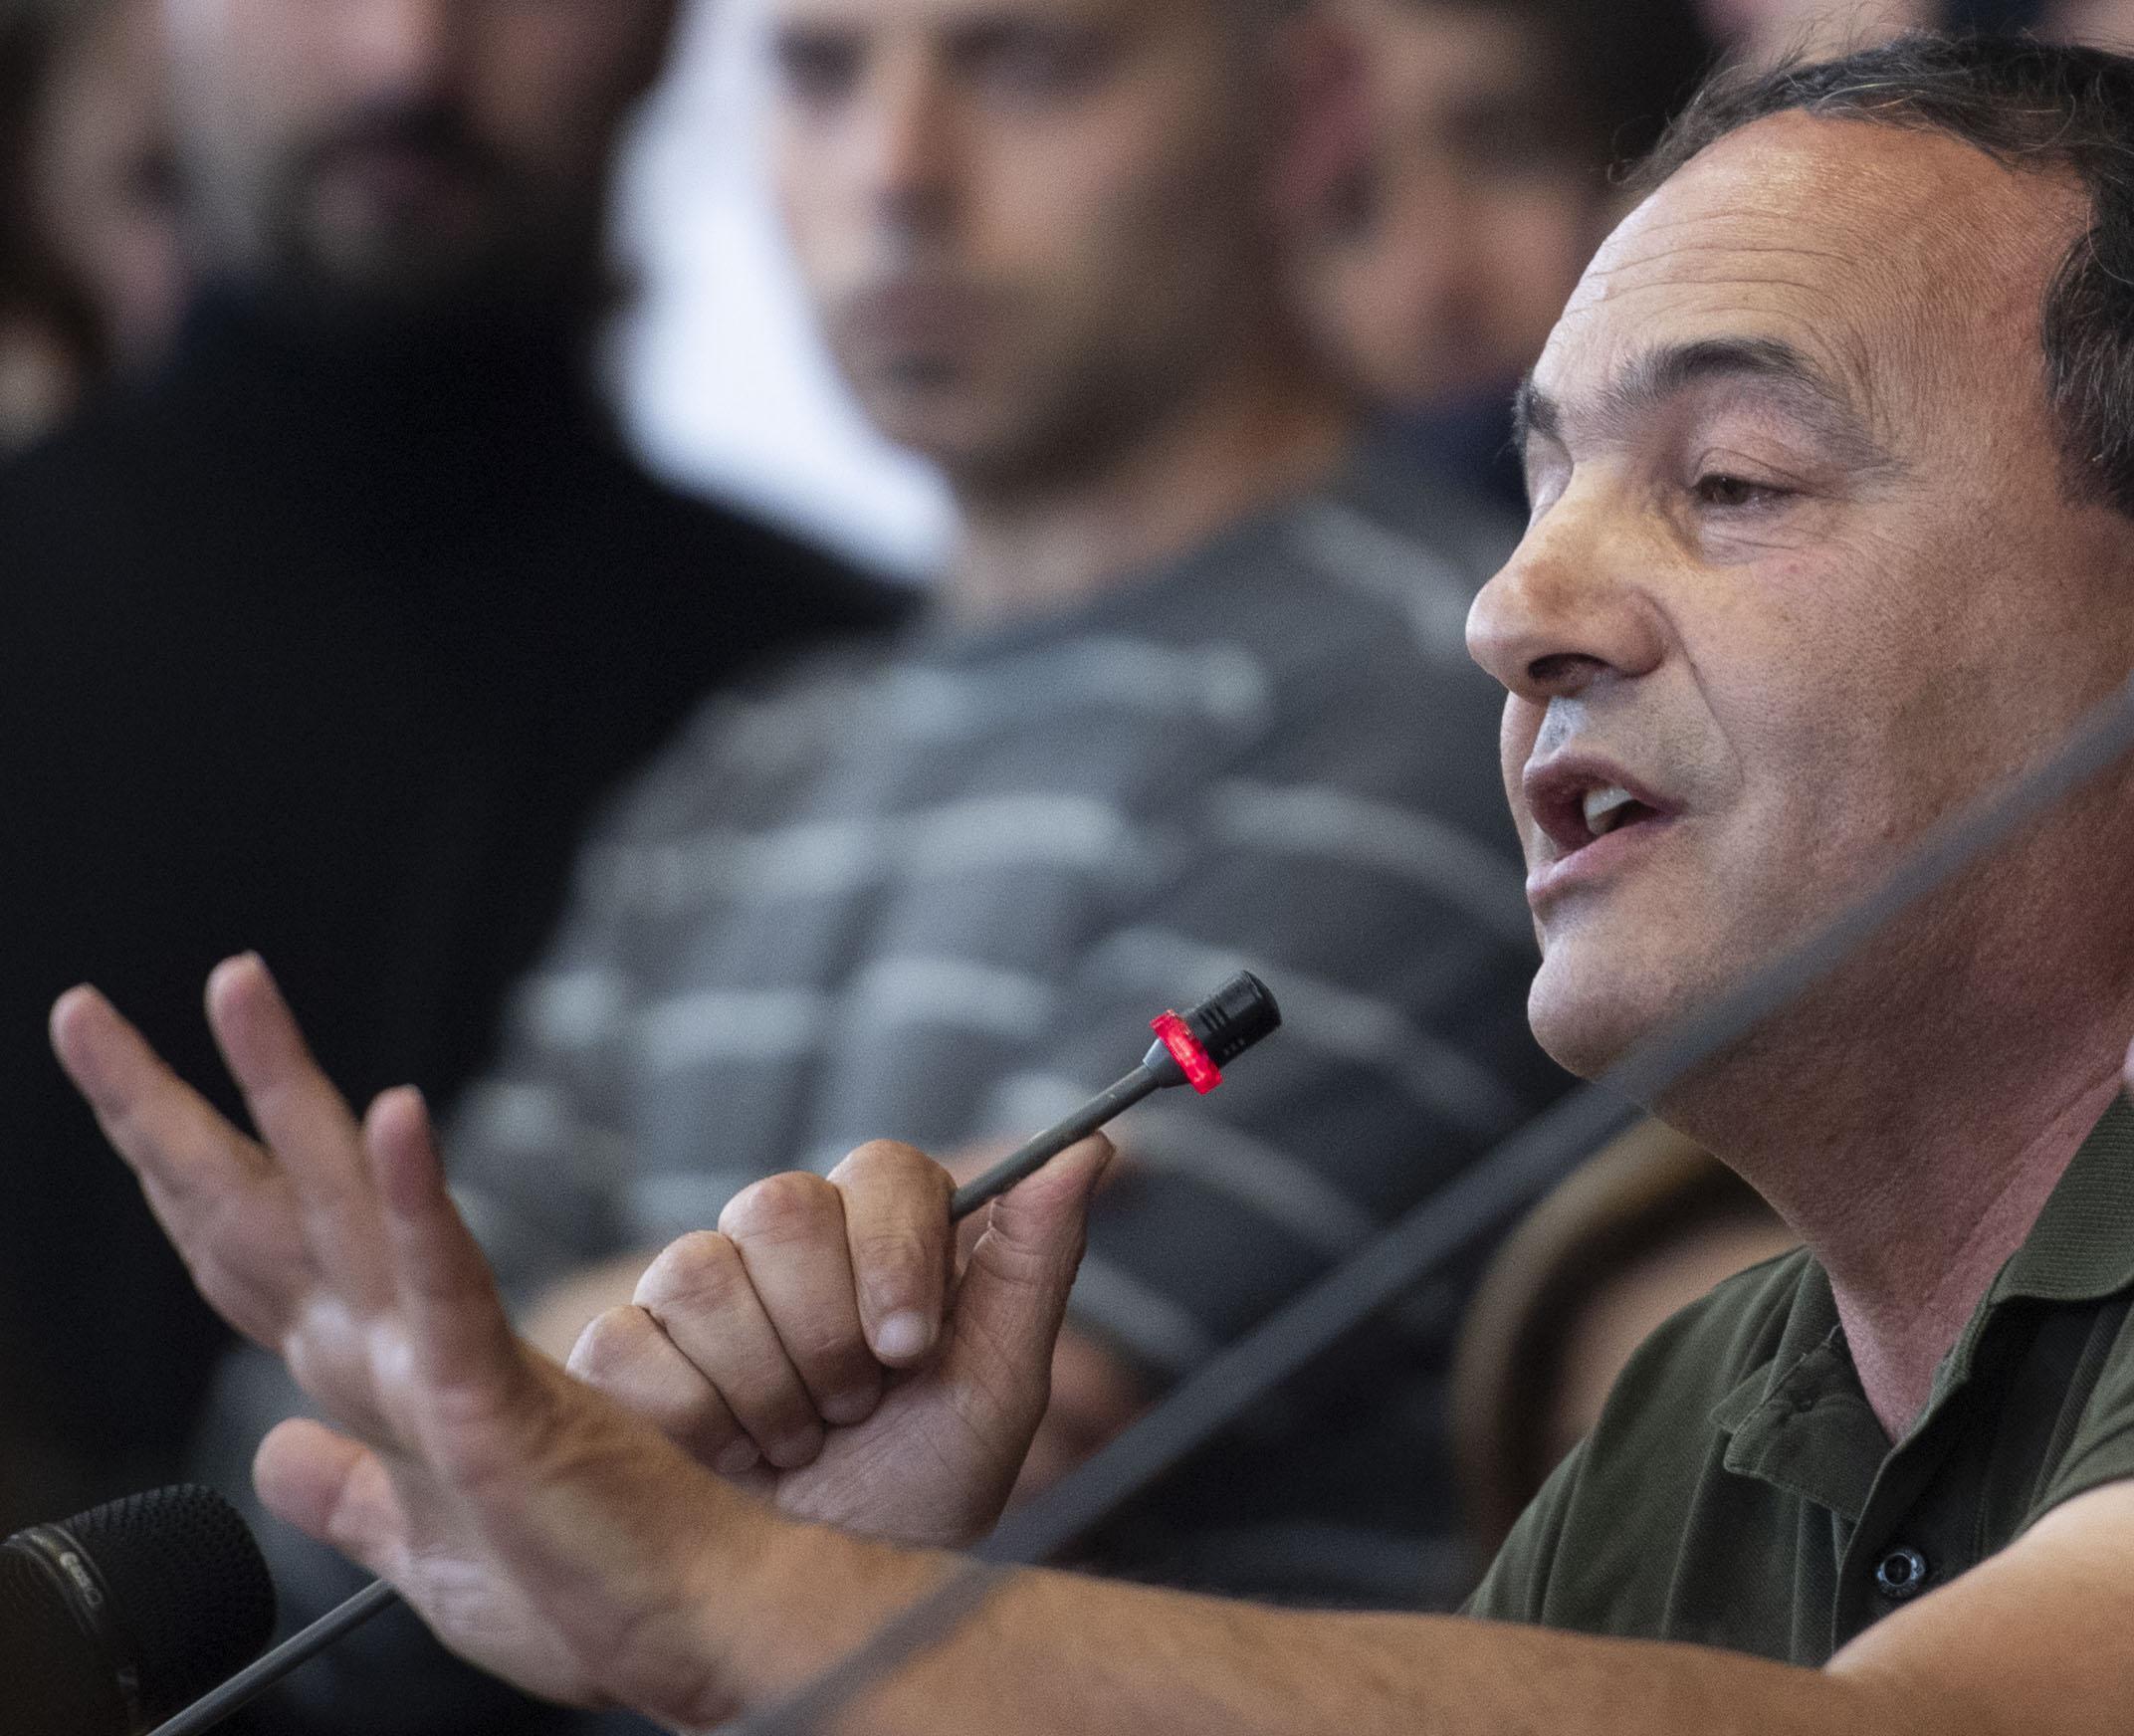 L'ex sindaco di Riace Mimmo Lucano, nel corso del seminario all'Università La Sapienza a Roma, 13 maggio 2019.   ANSA/MAURIZIO BRAMBATTI